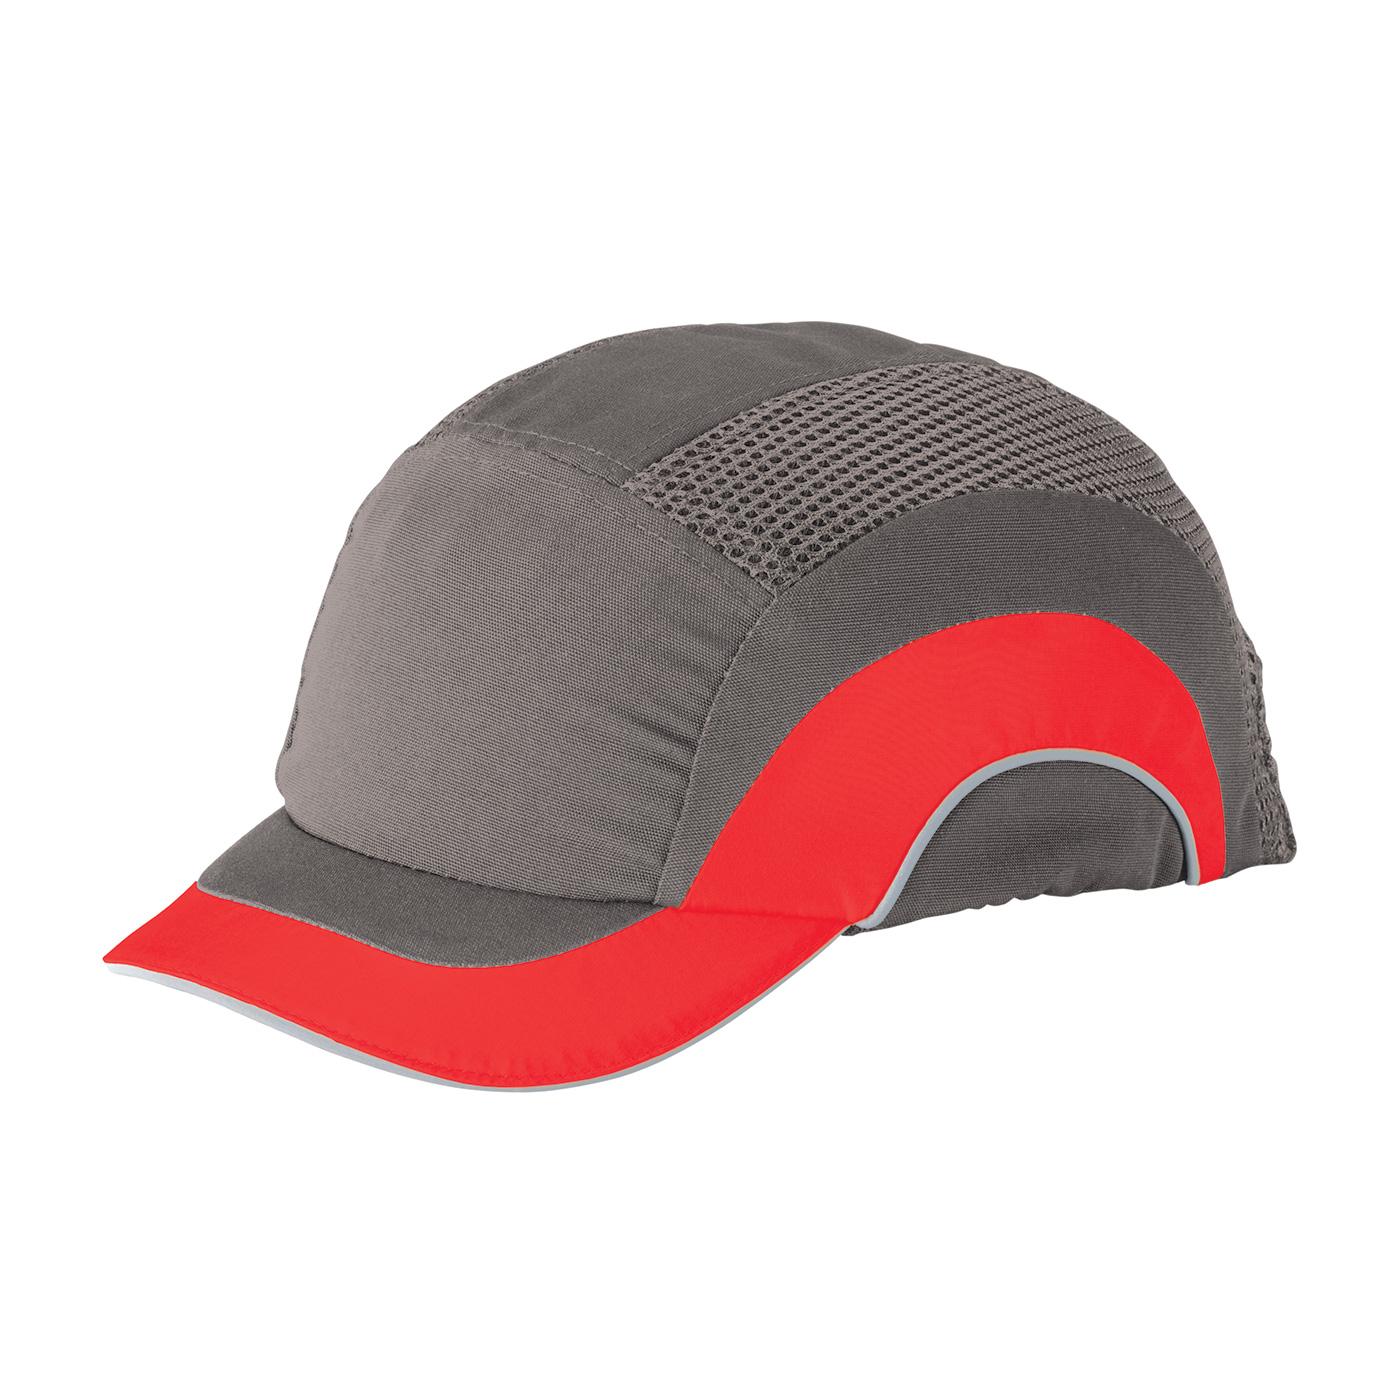 6f1a883f196066 HardCap A1+ Bump Cap | Protective Industrial Products